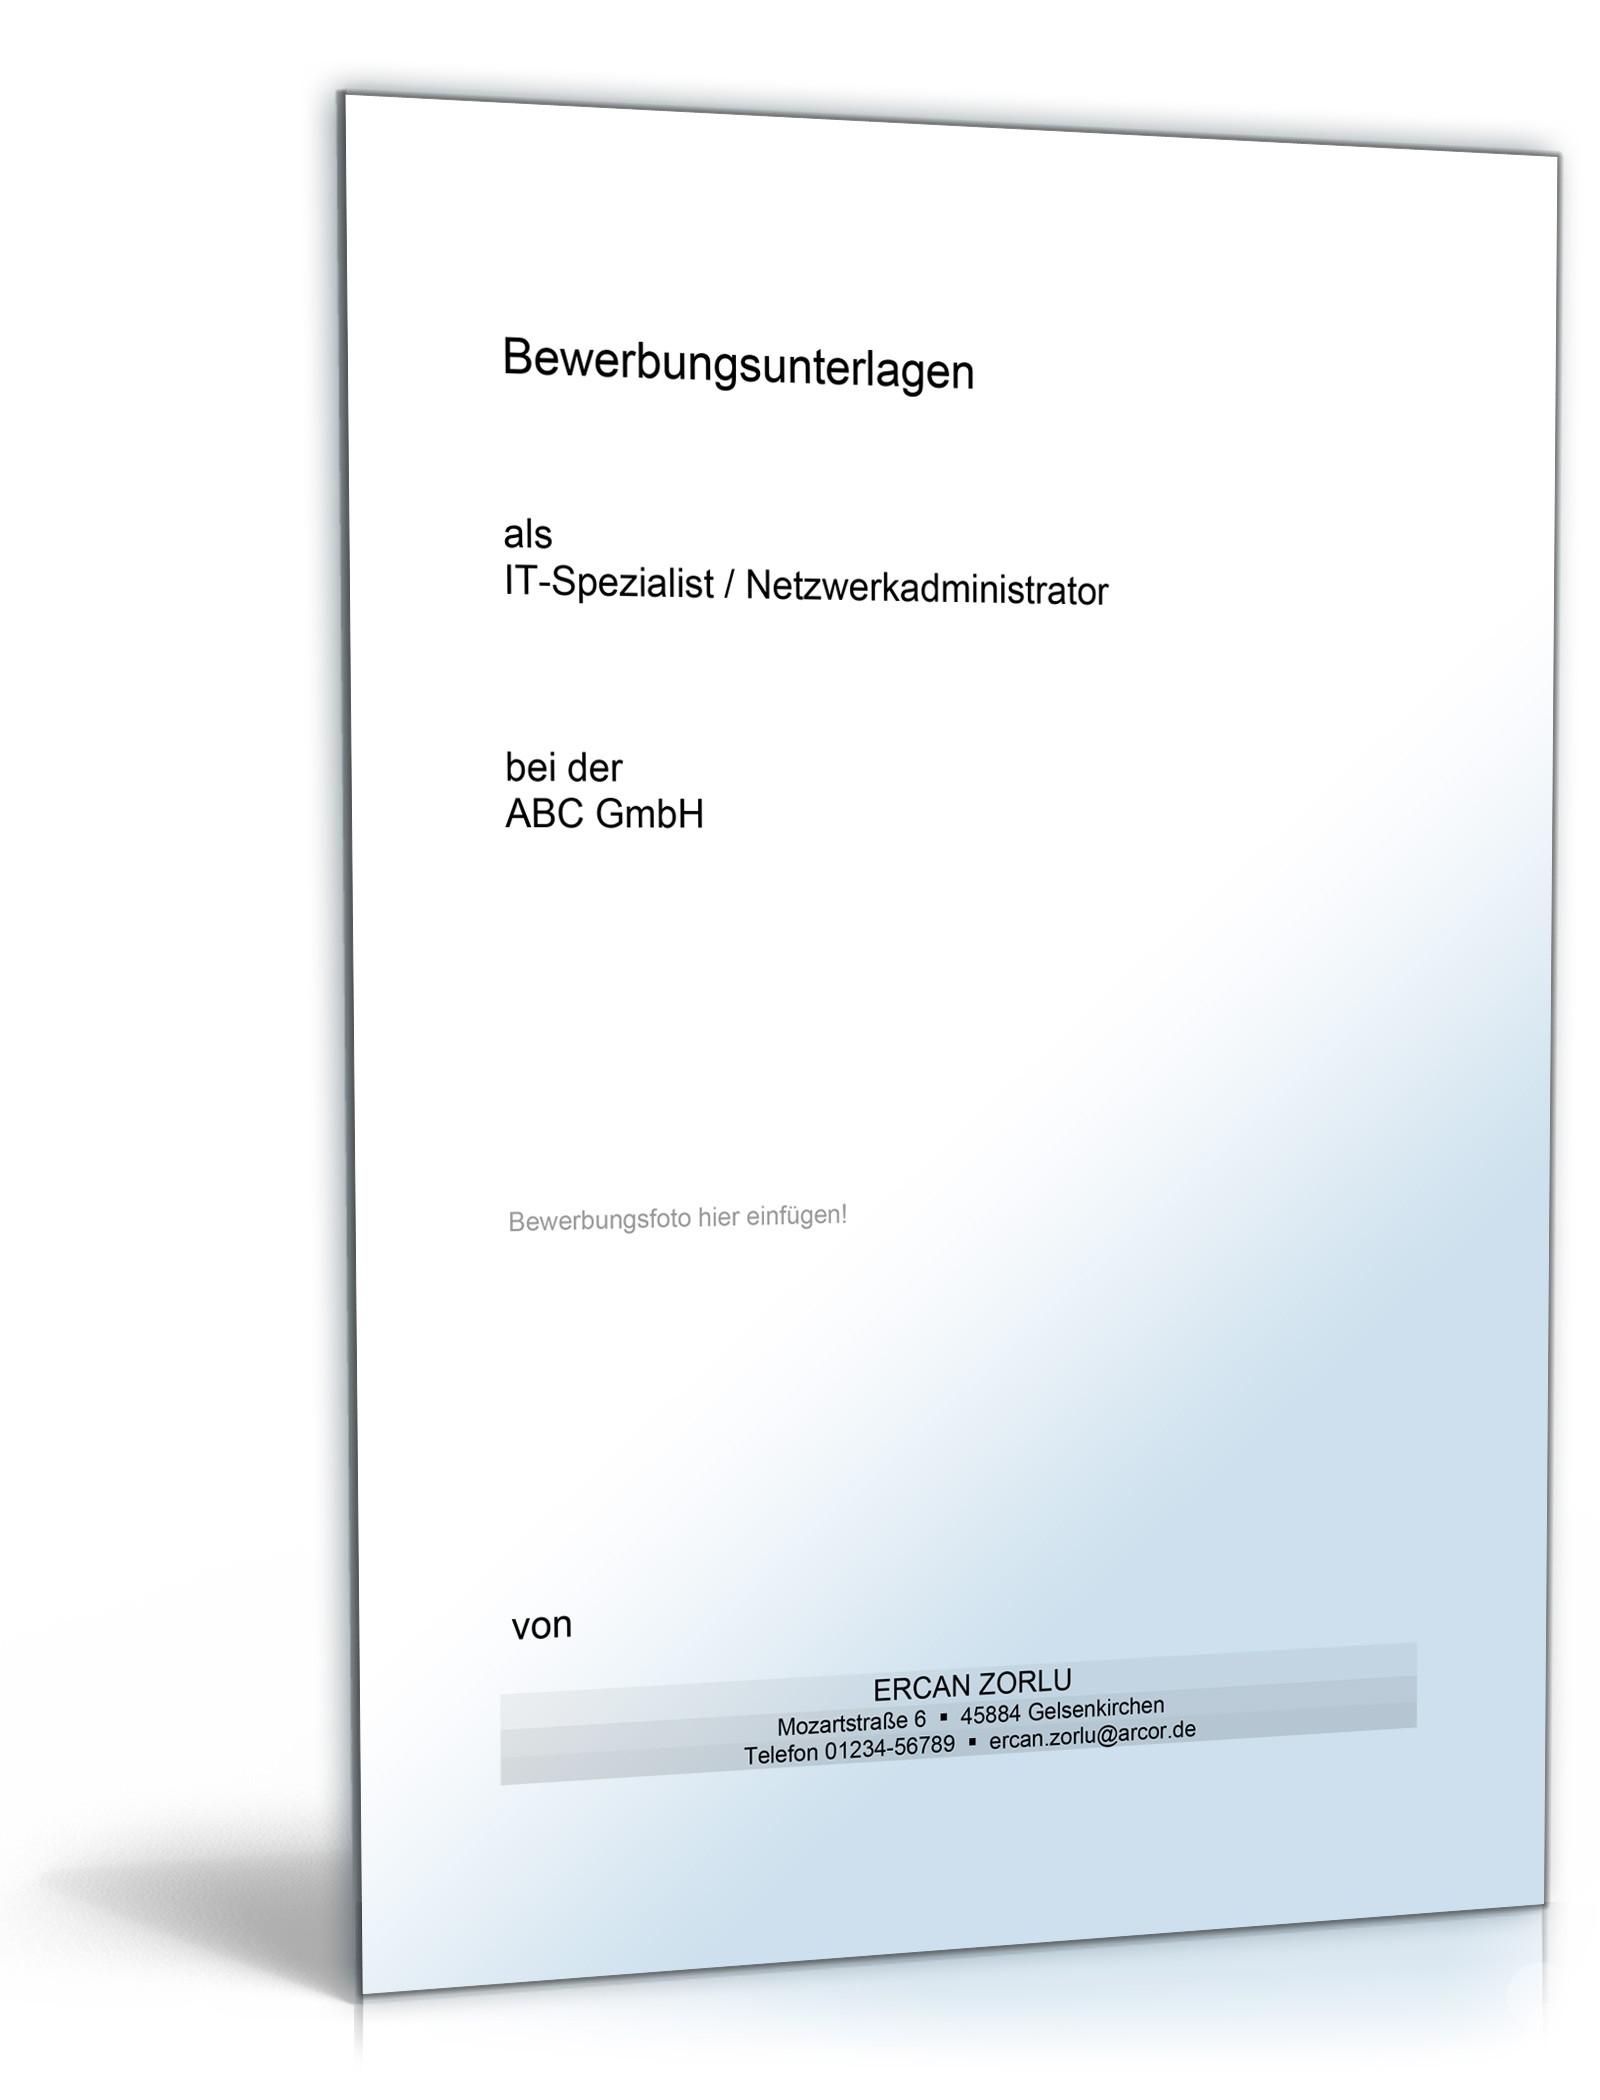 Niedlich 5k Anmeldeformular Vorlage Fotos - Beispielzusammenfassung ...